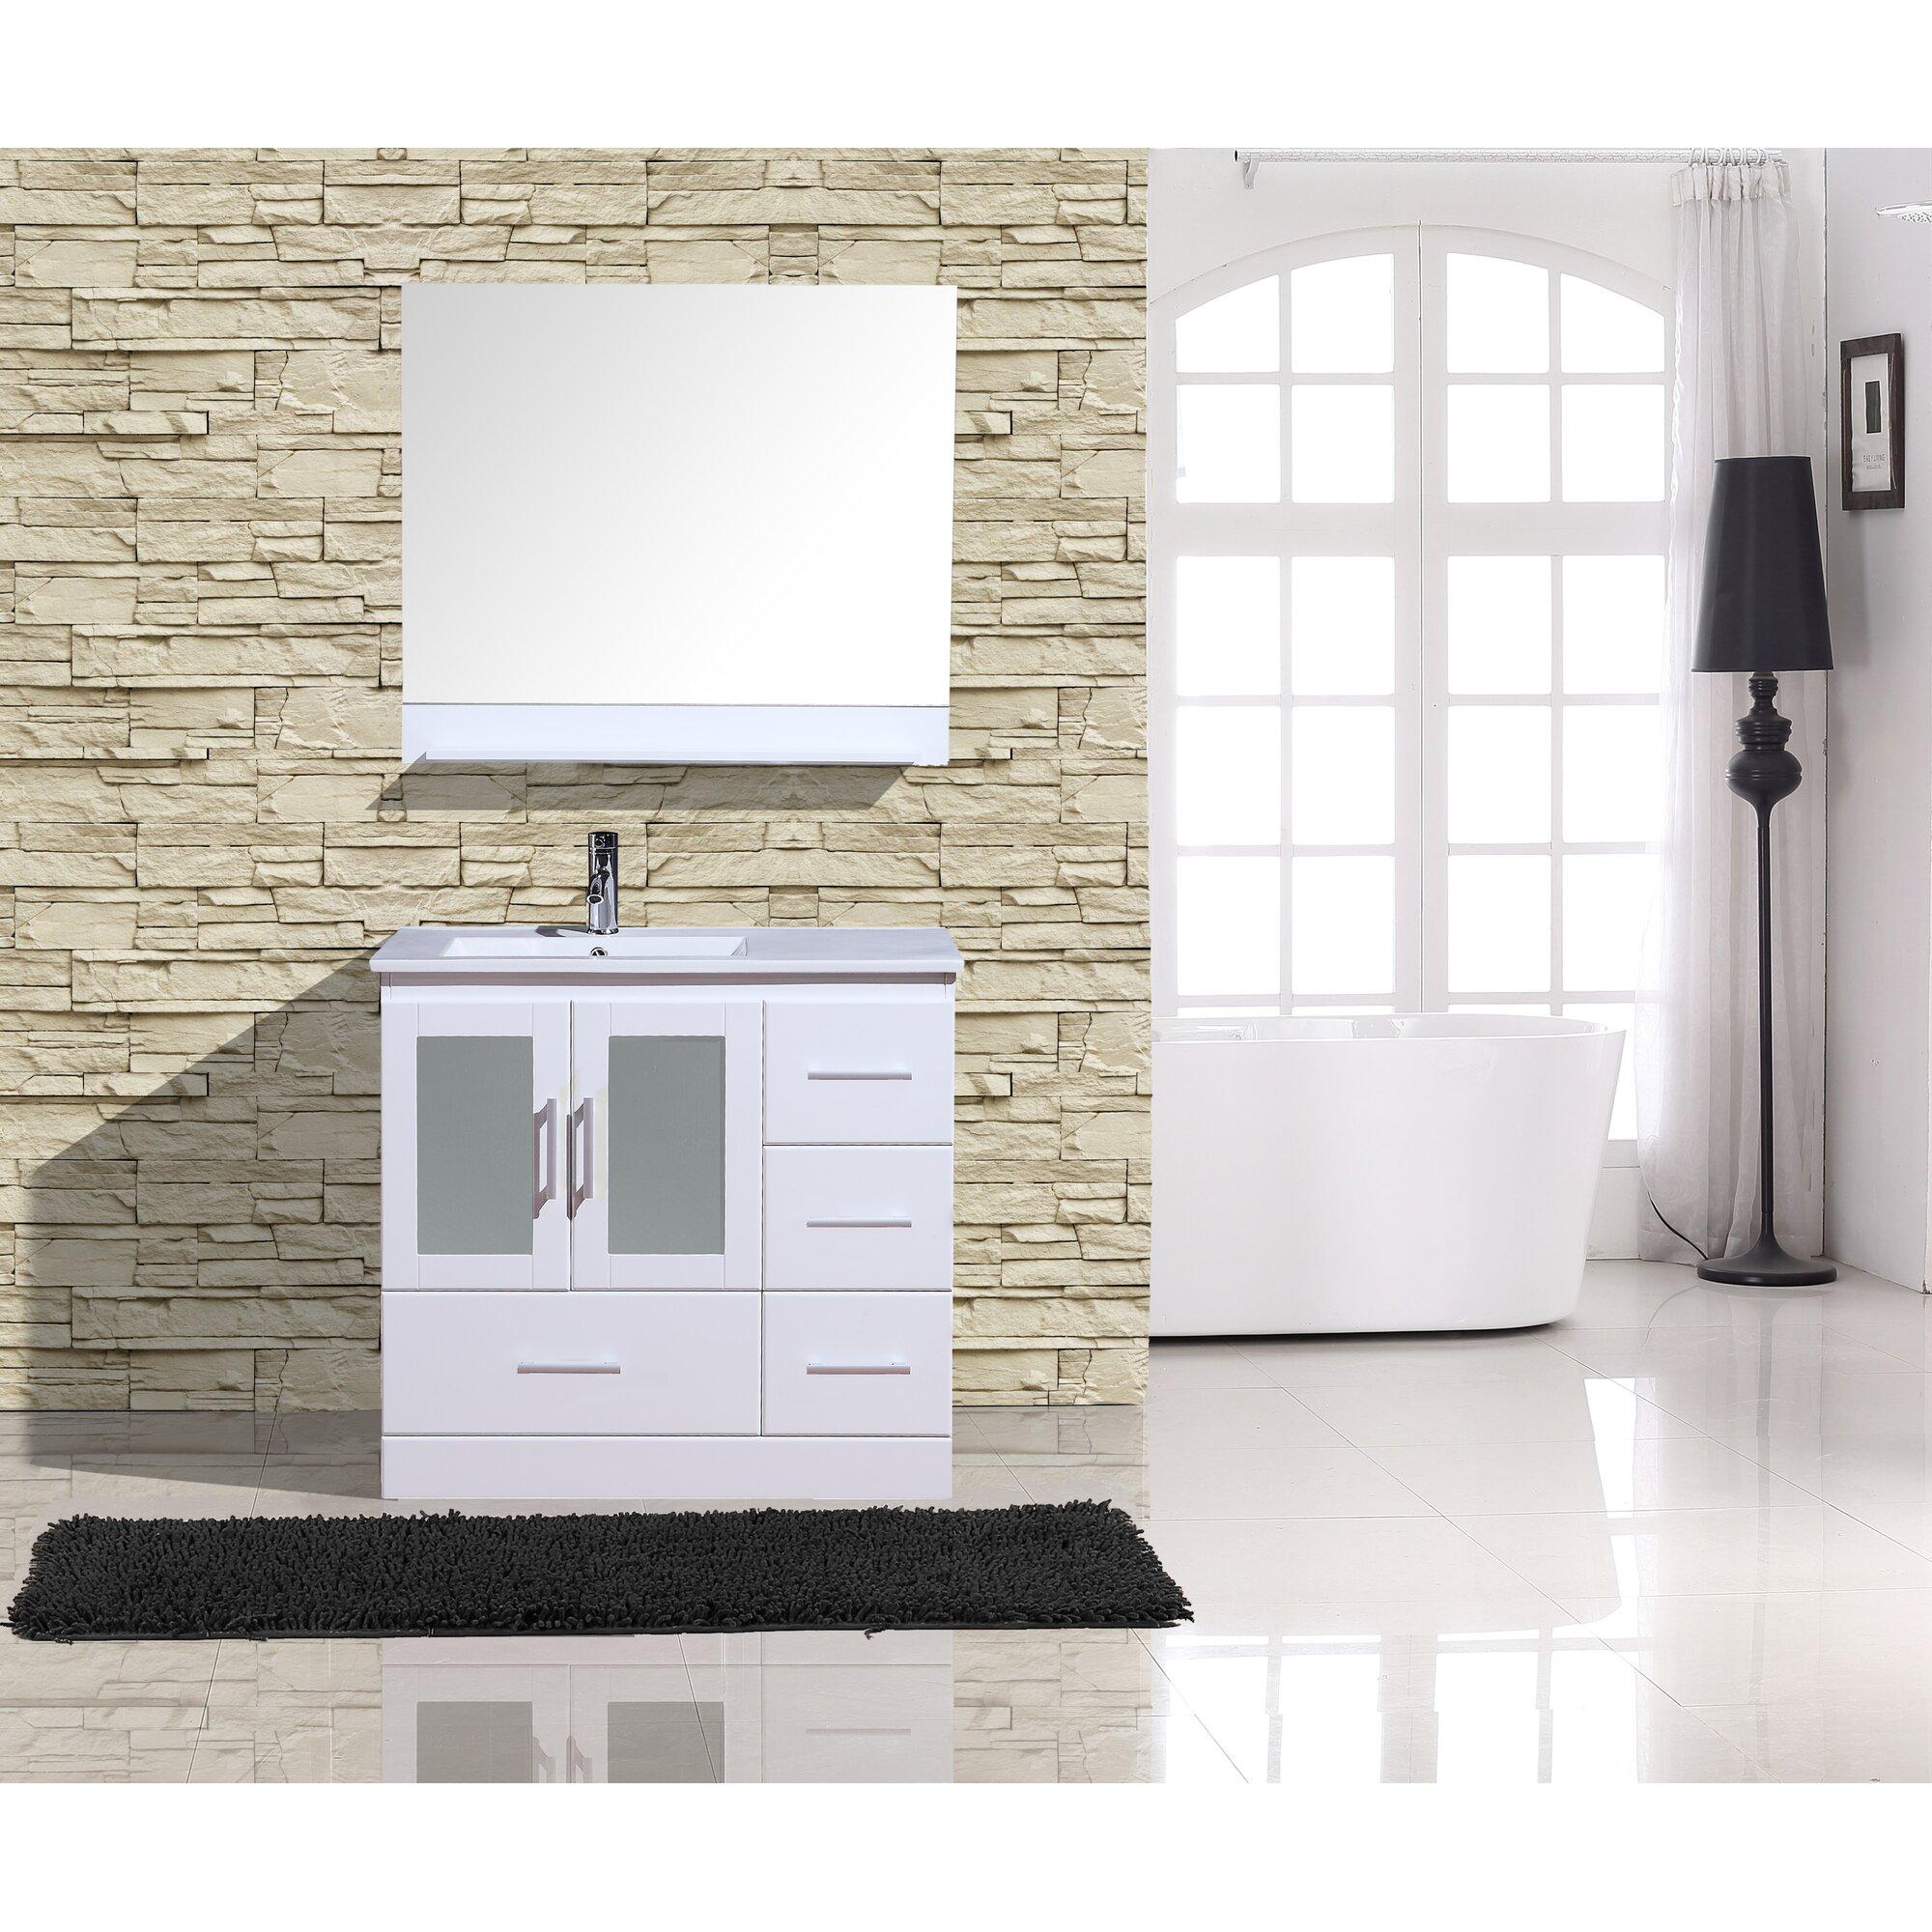 Adornus alva 36 single bathroom vanity with mirror for Bathrooms r us reviews